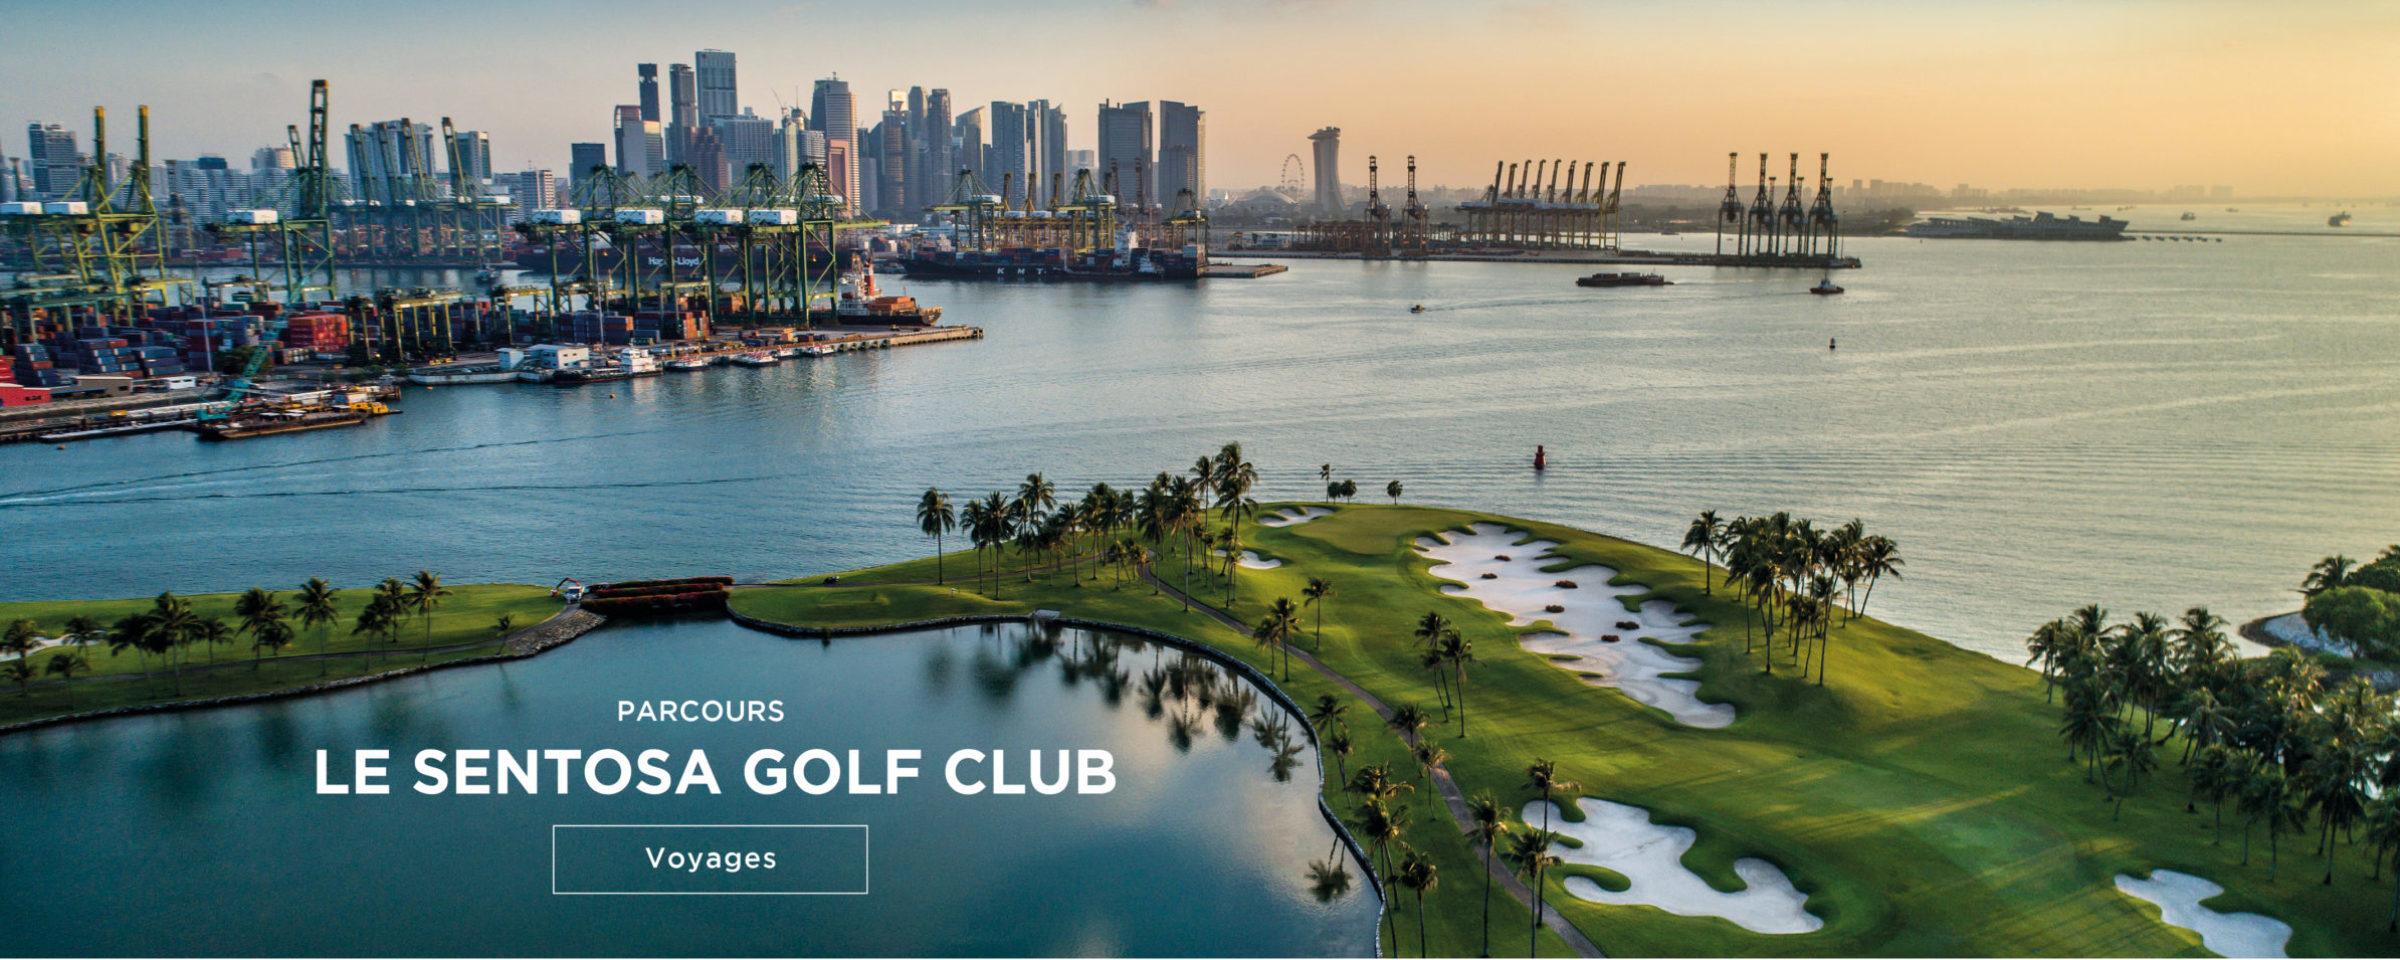 Le Sentosa Golf Club